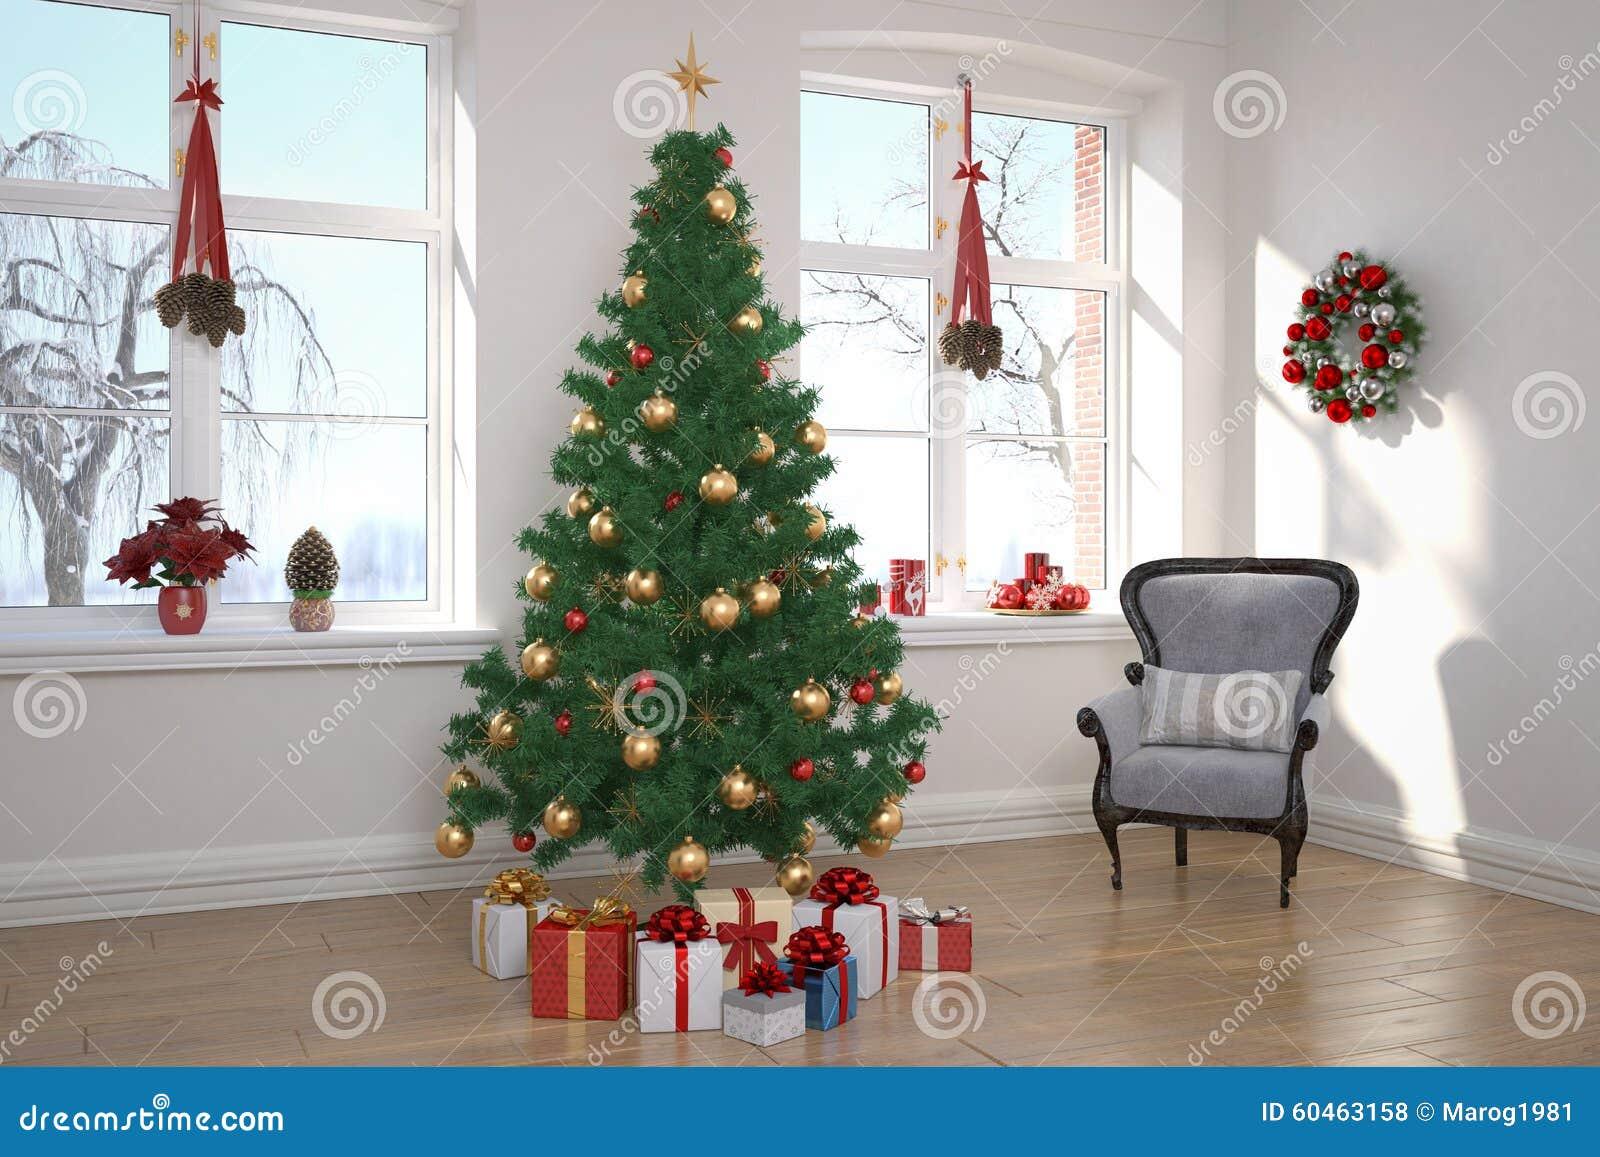 Wohnung wohnzimmer weihnachten stockfoto bild von - Weihnachten wohnzimmer ...